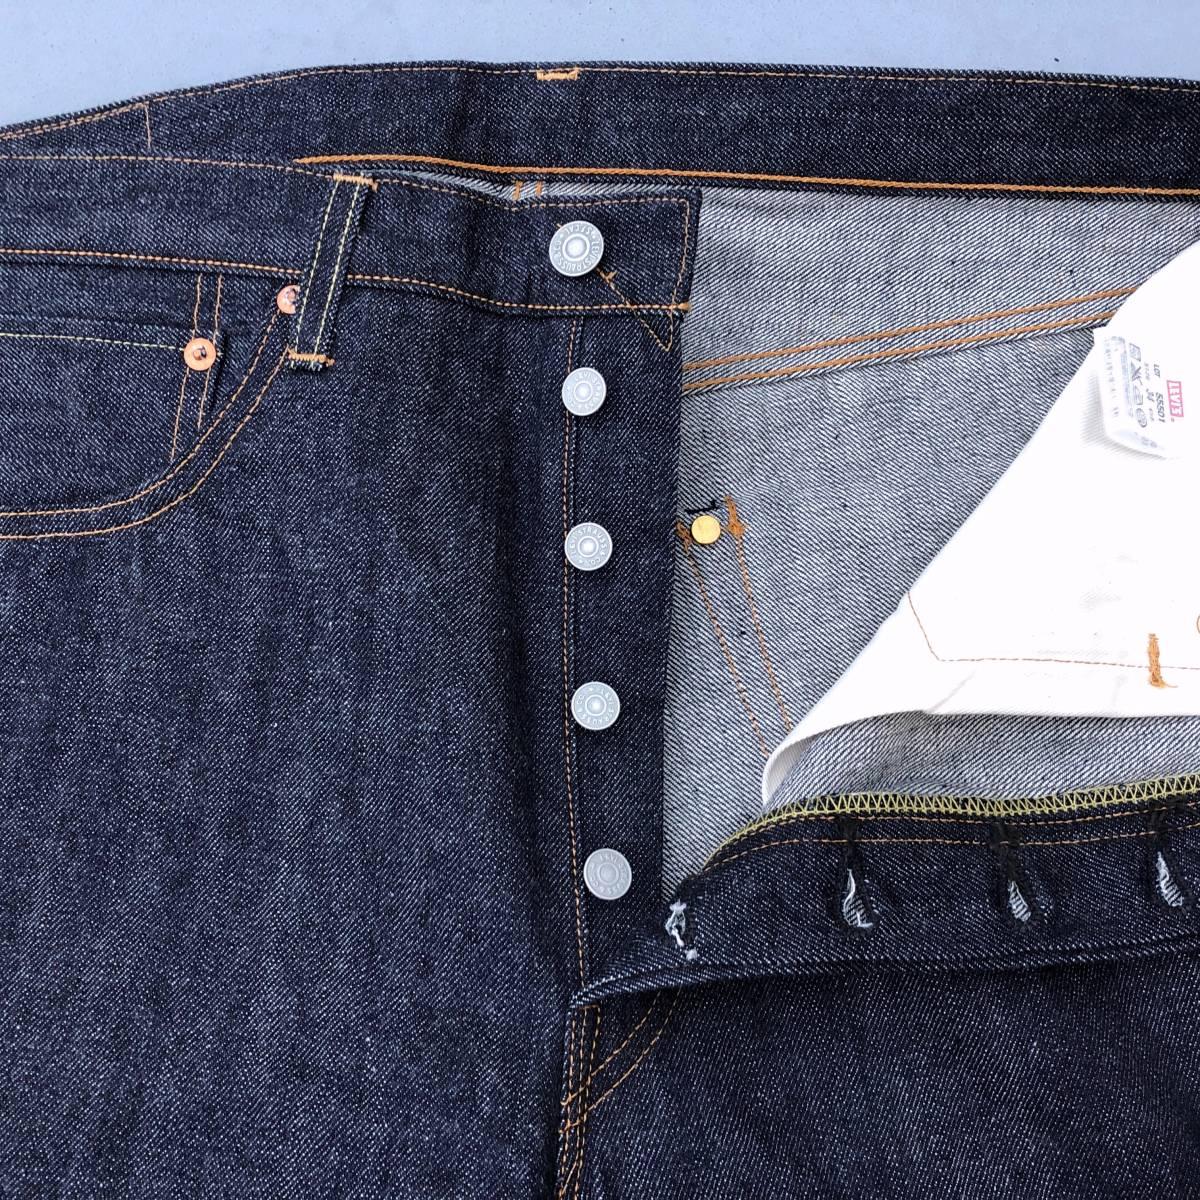 旧 米国製 1955モデル 日本企画 LEVI'S VINTAGE CLOTHING 501XX 55501-0051 W34 L36 リジッド 新品デニムパンツ アメリカUSA製 50s 55s LVC_画像6